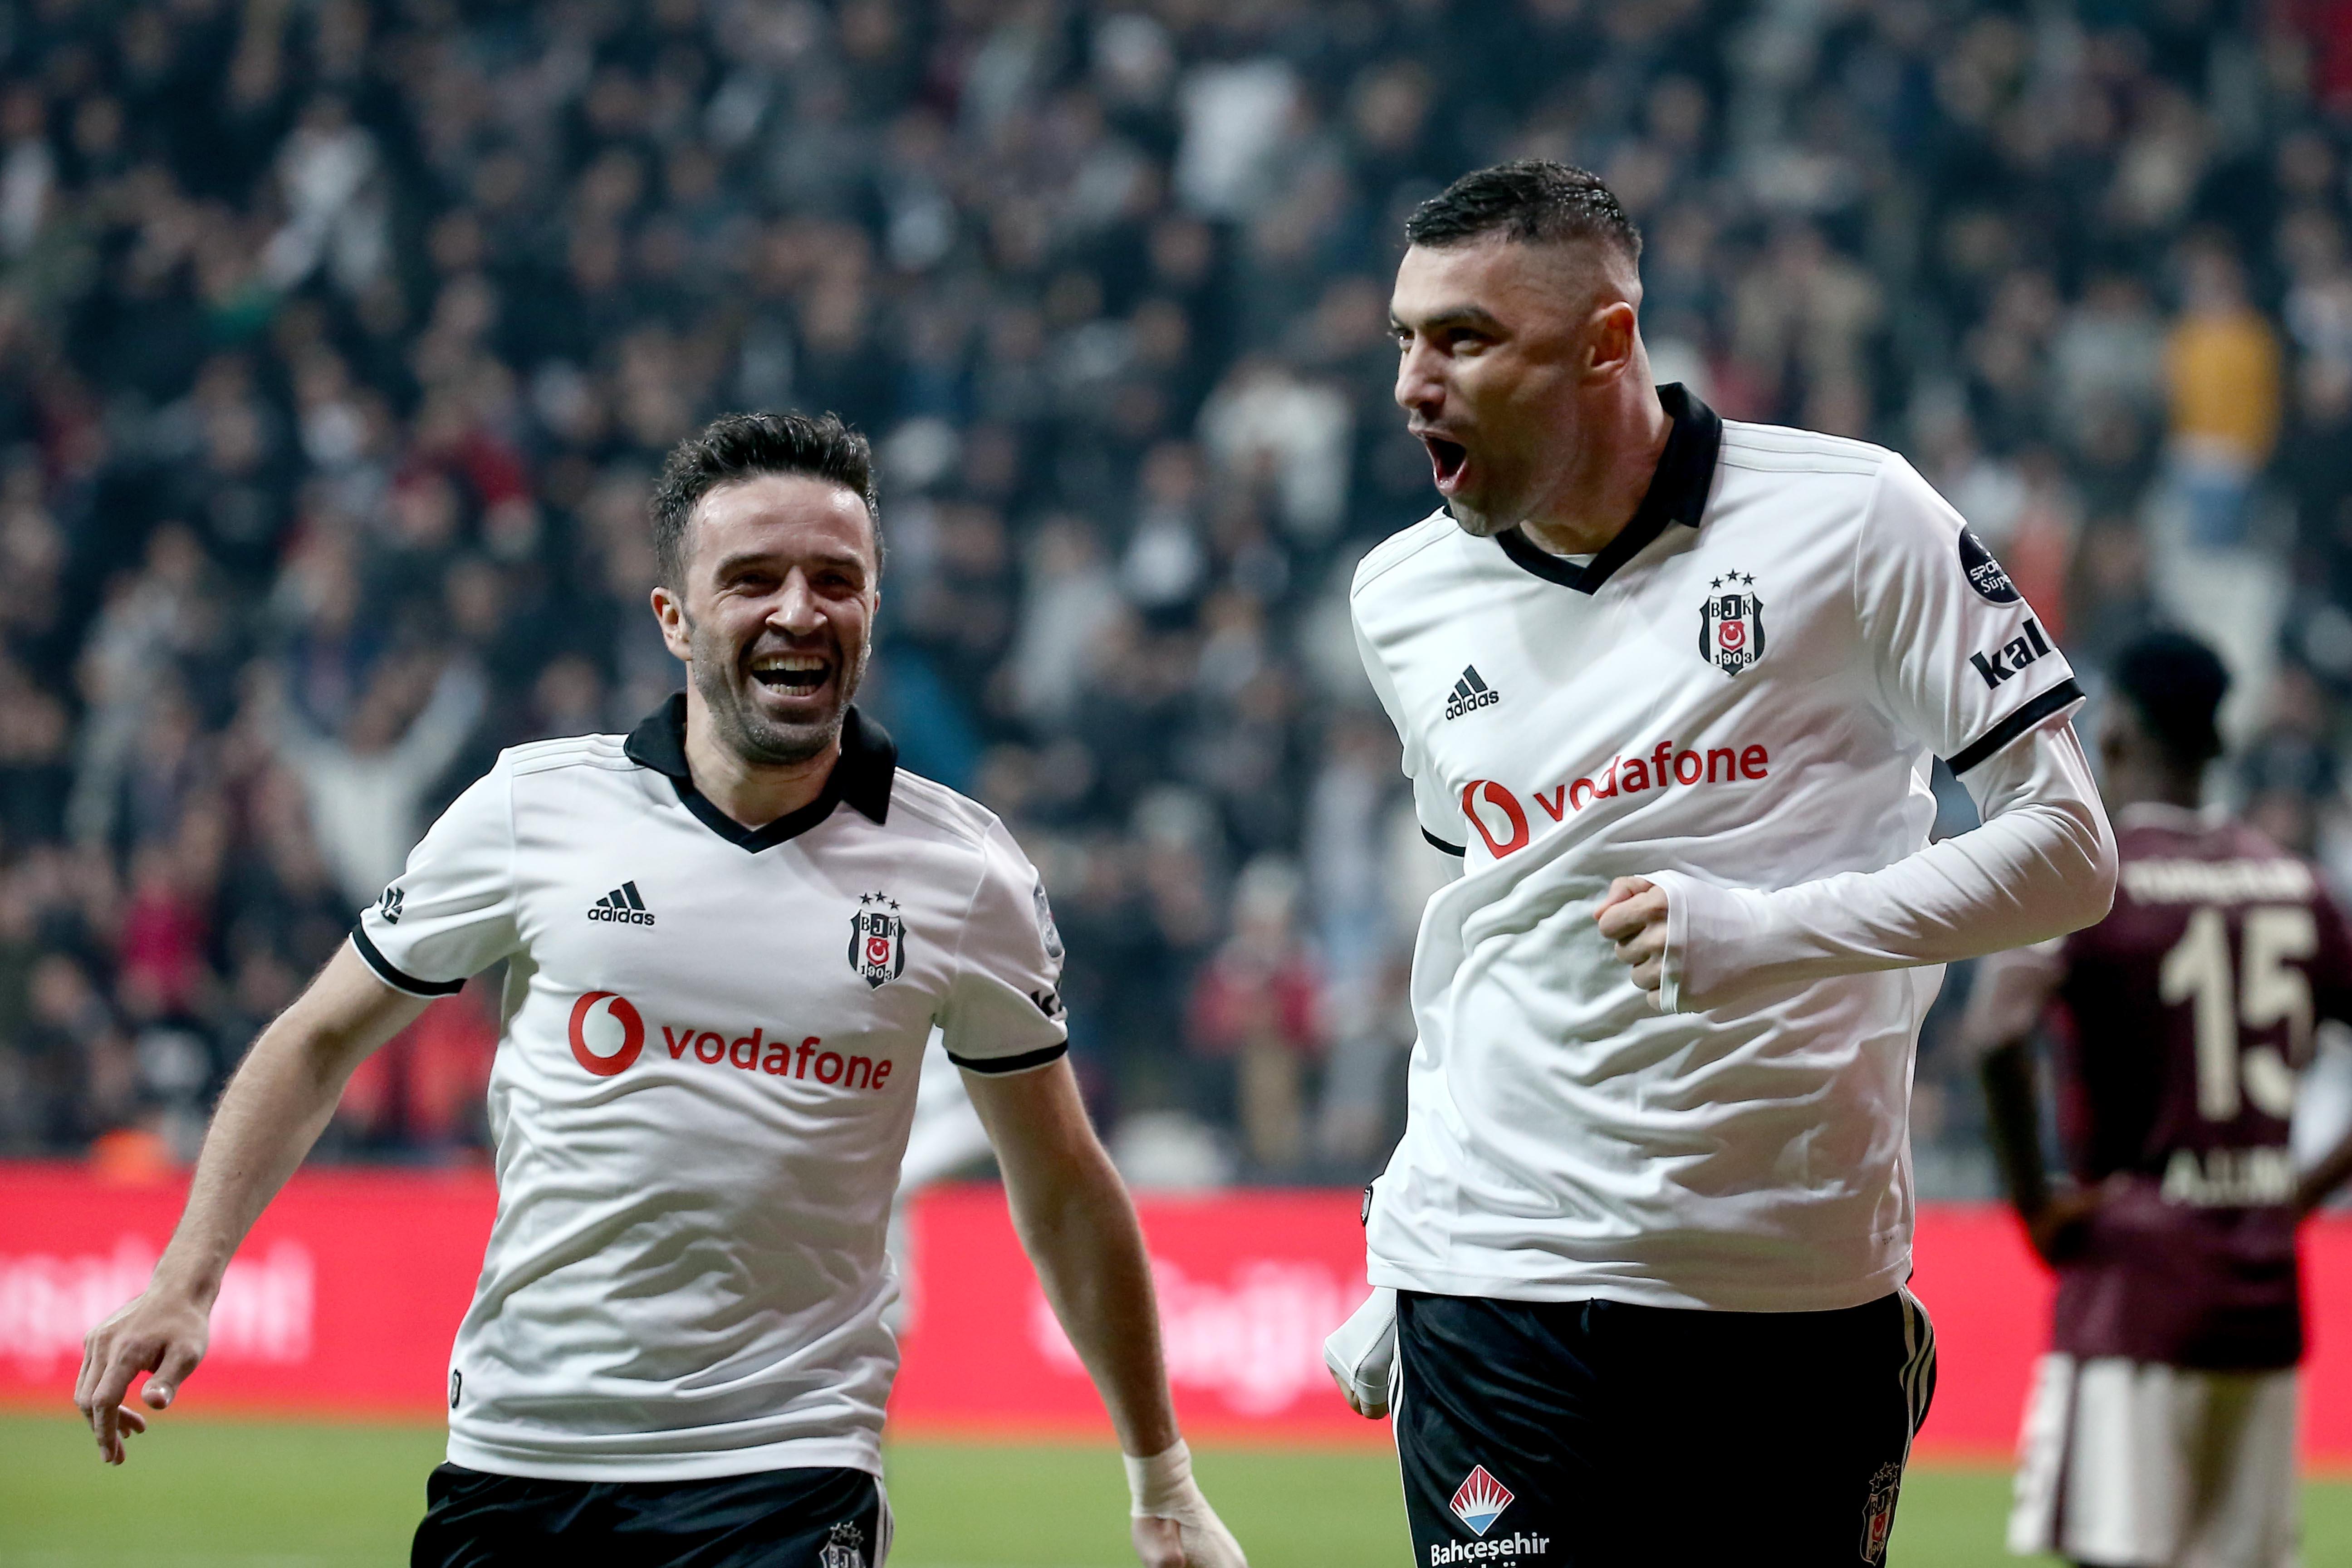 Burak Yilmaz Gokhan Gonul Besiktas Goztepe Turkish Super League 03/16/19